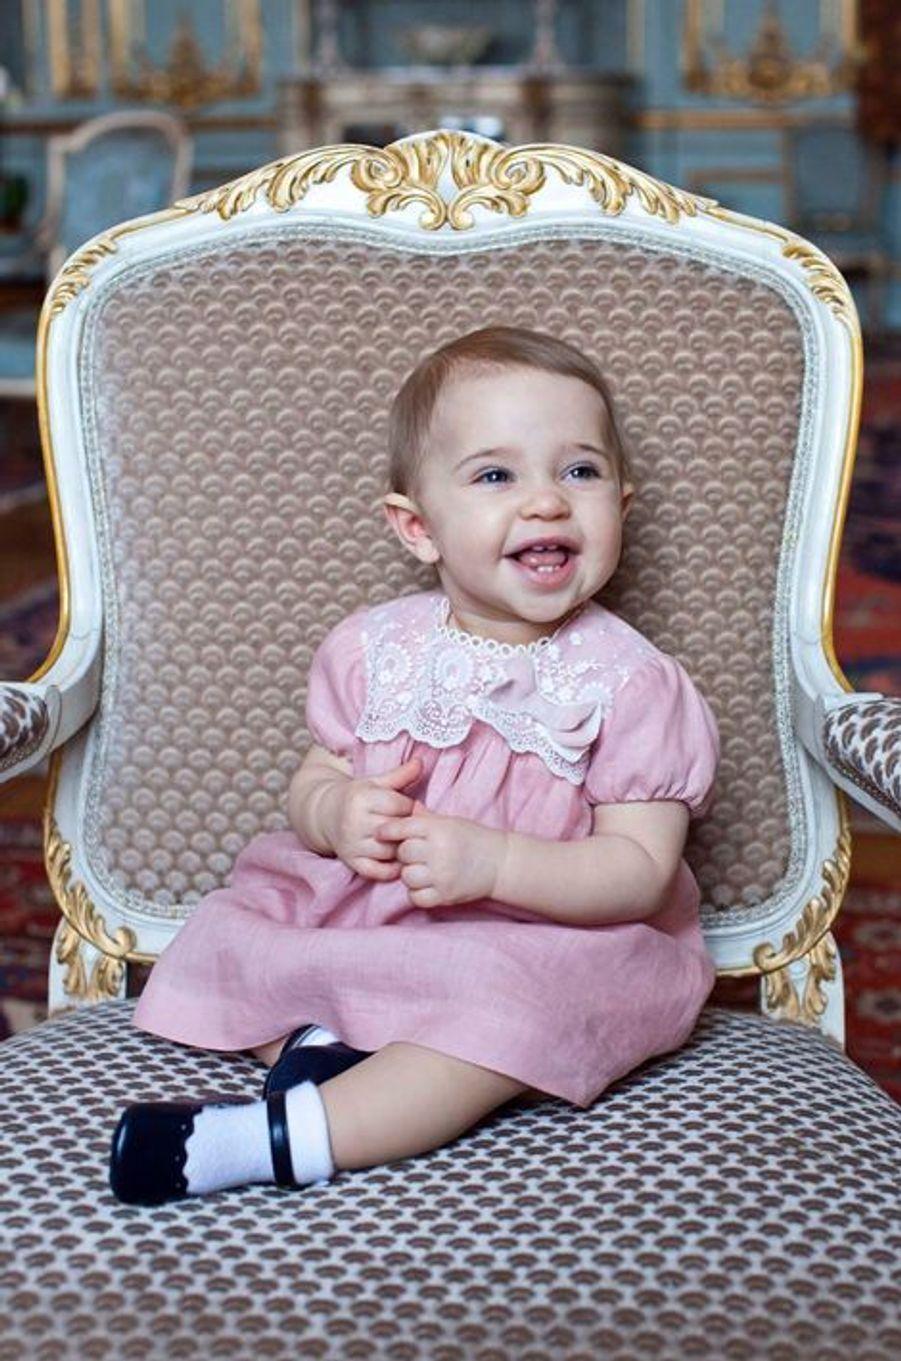 La princesse Leonore de Suède, photo postée par la princesse Madeleine sur sa page Facebook le 20 février 2015